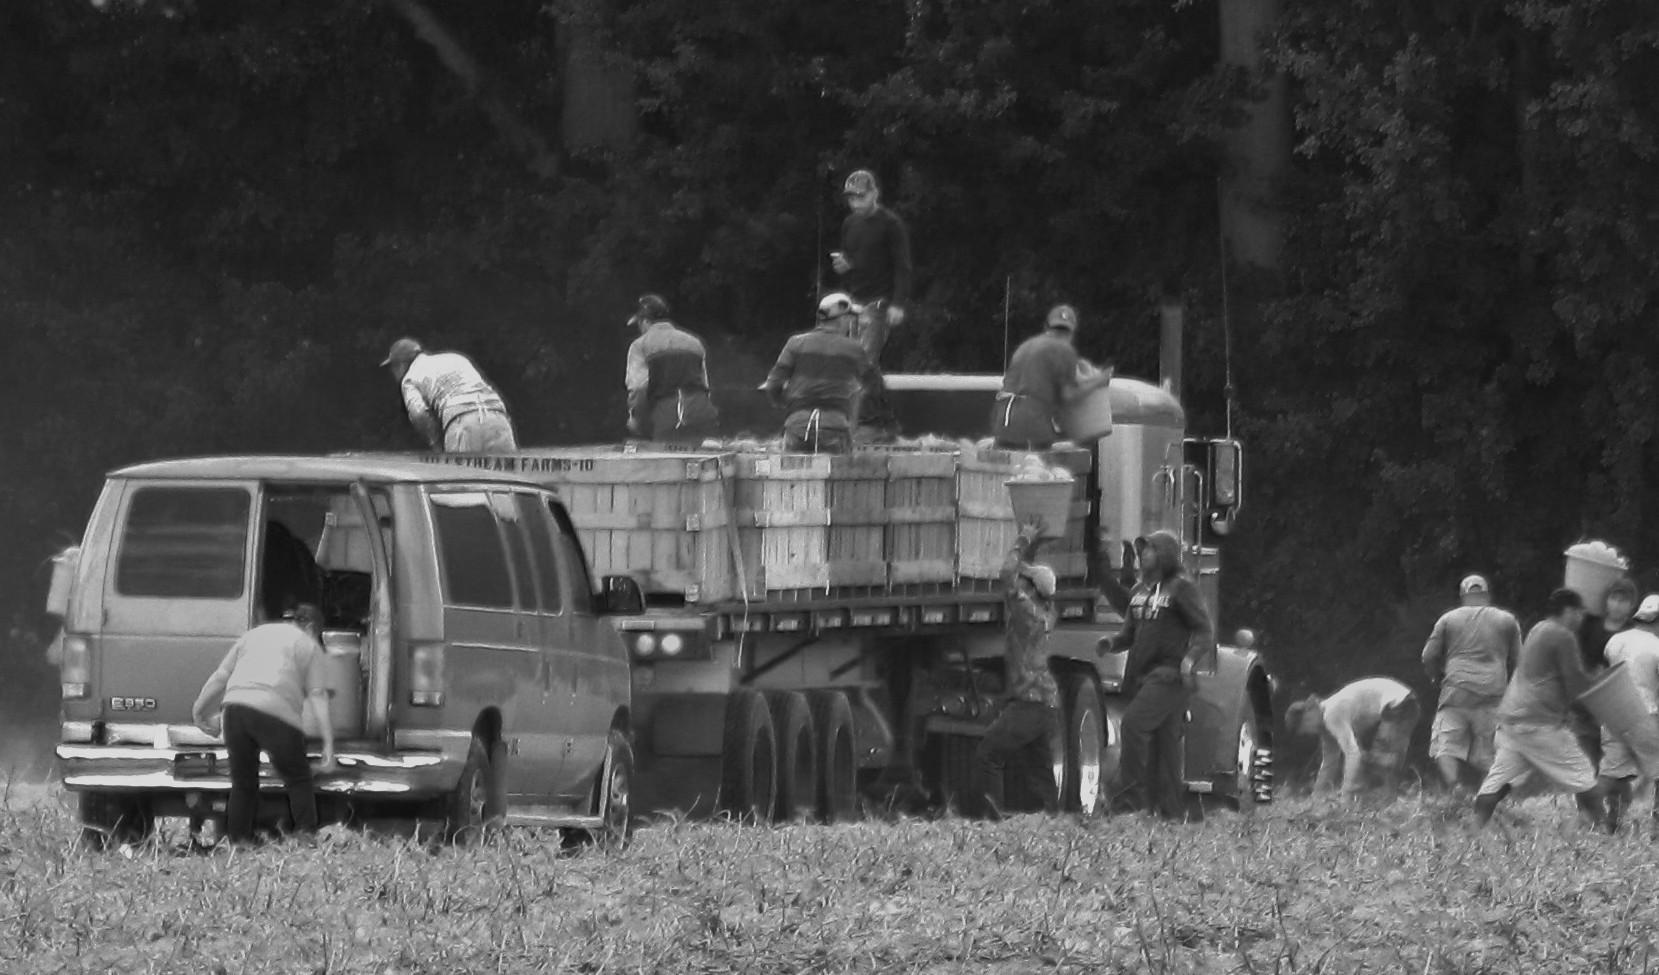 Immigrantidest farmitöölised USAs. Foto: Flickri kasutaja Gerry Dincher (CC BY-SA 2.0)